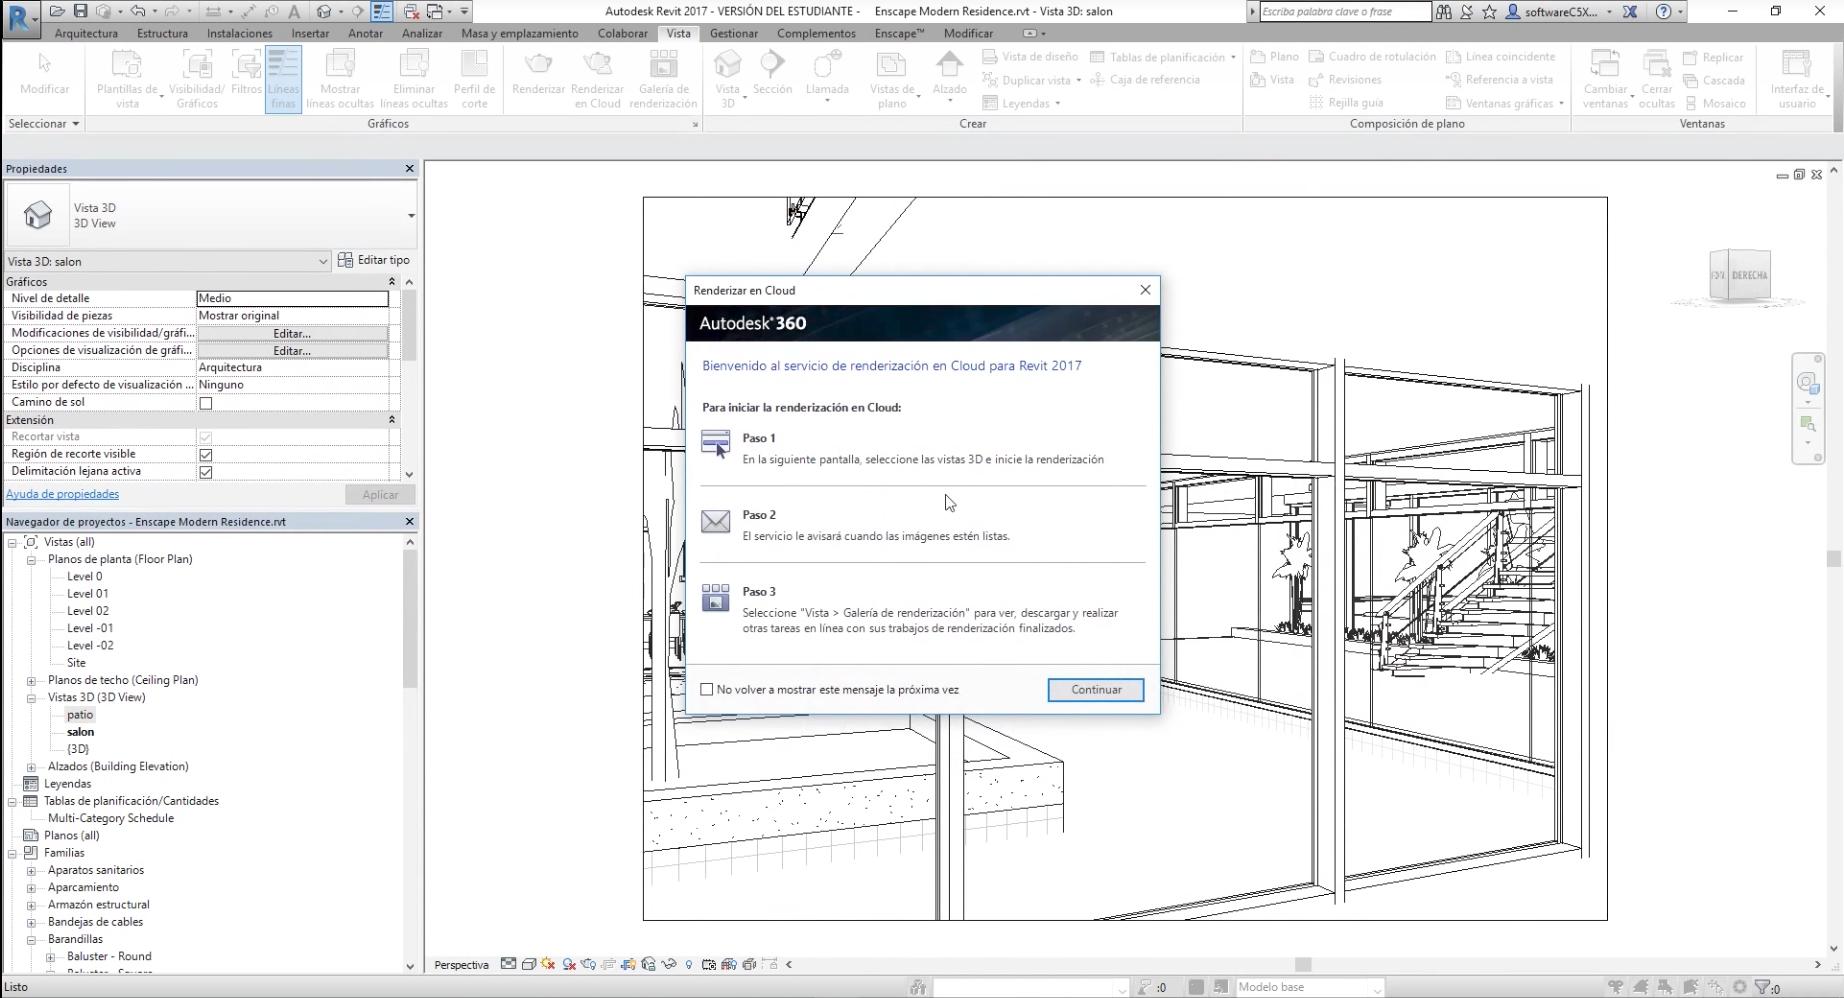 360 images using Autodesk Revit